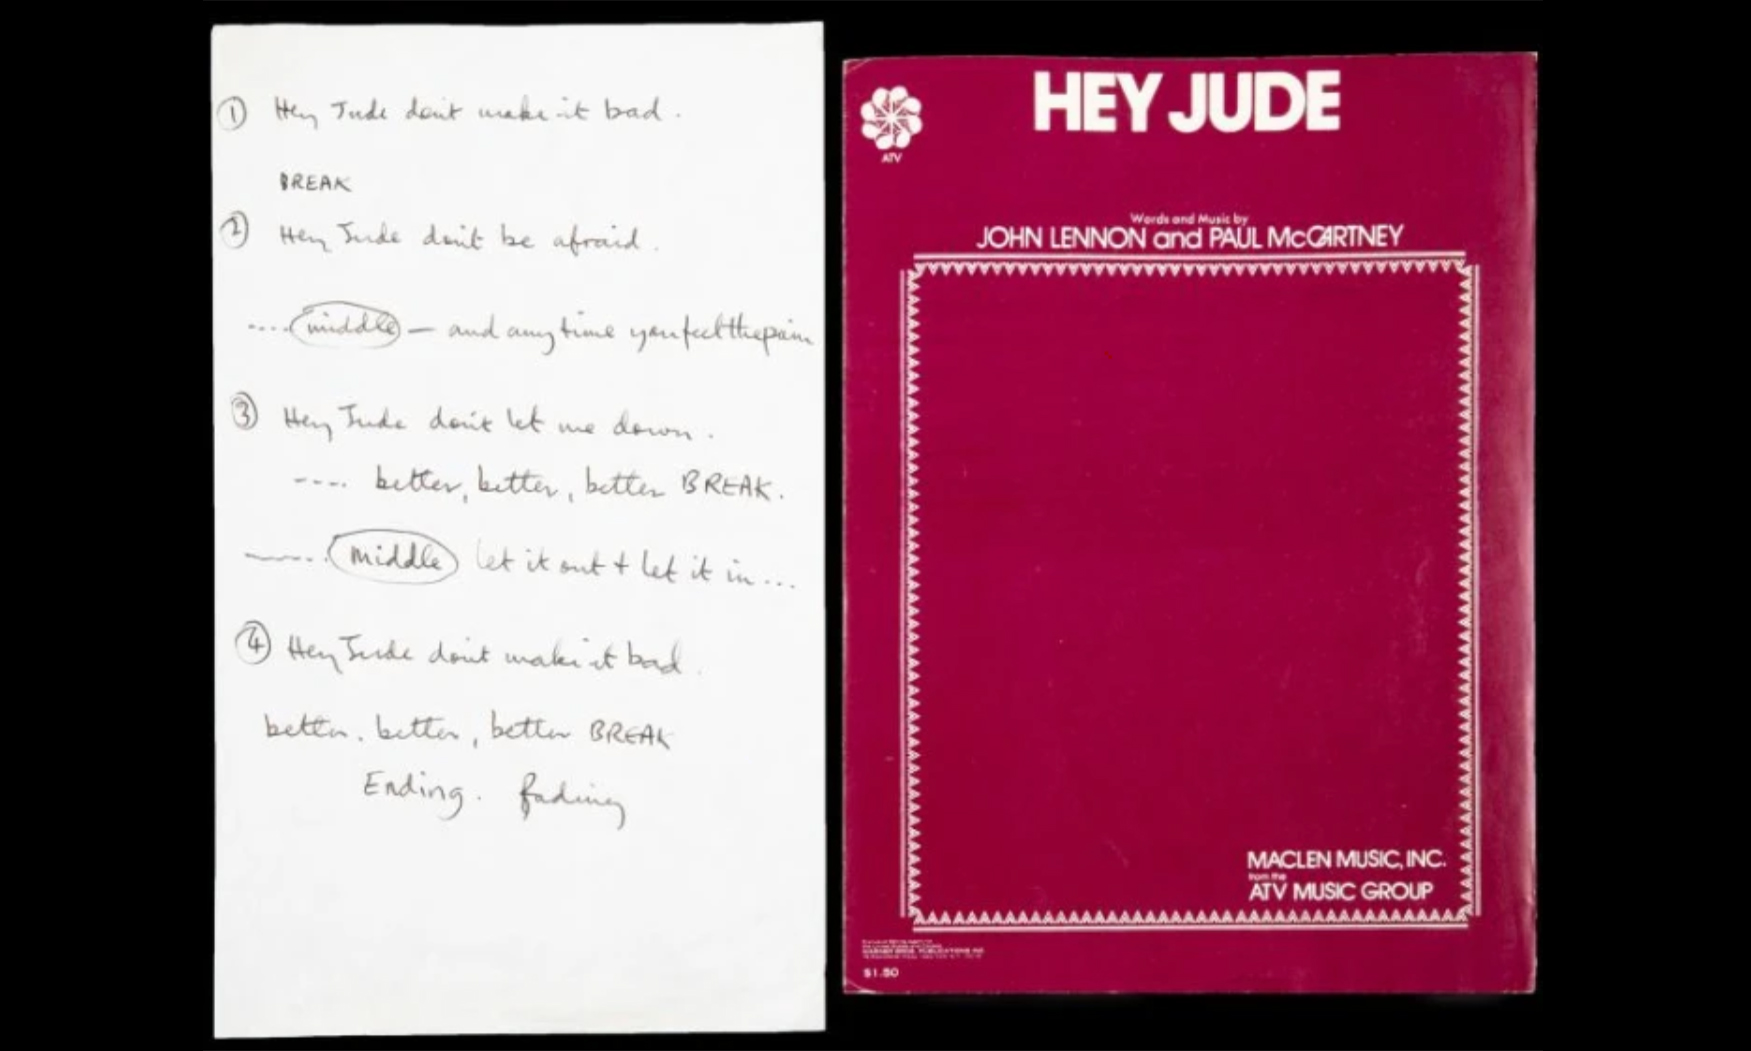 《Hey Jude》手写歌词以 91 万美元的价格拍卖成交